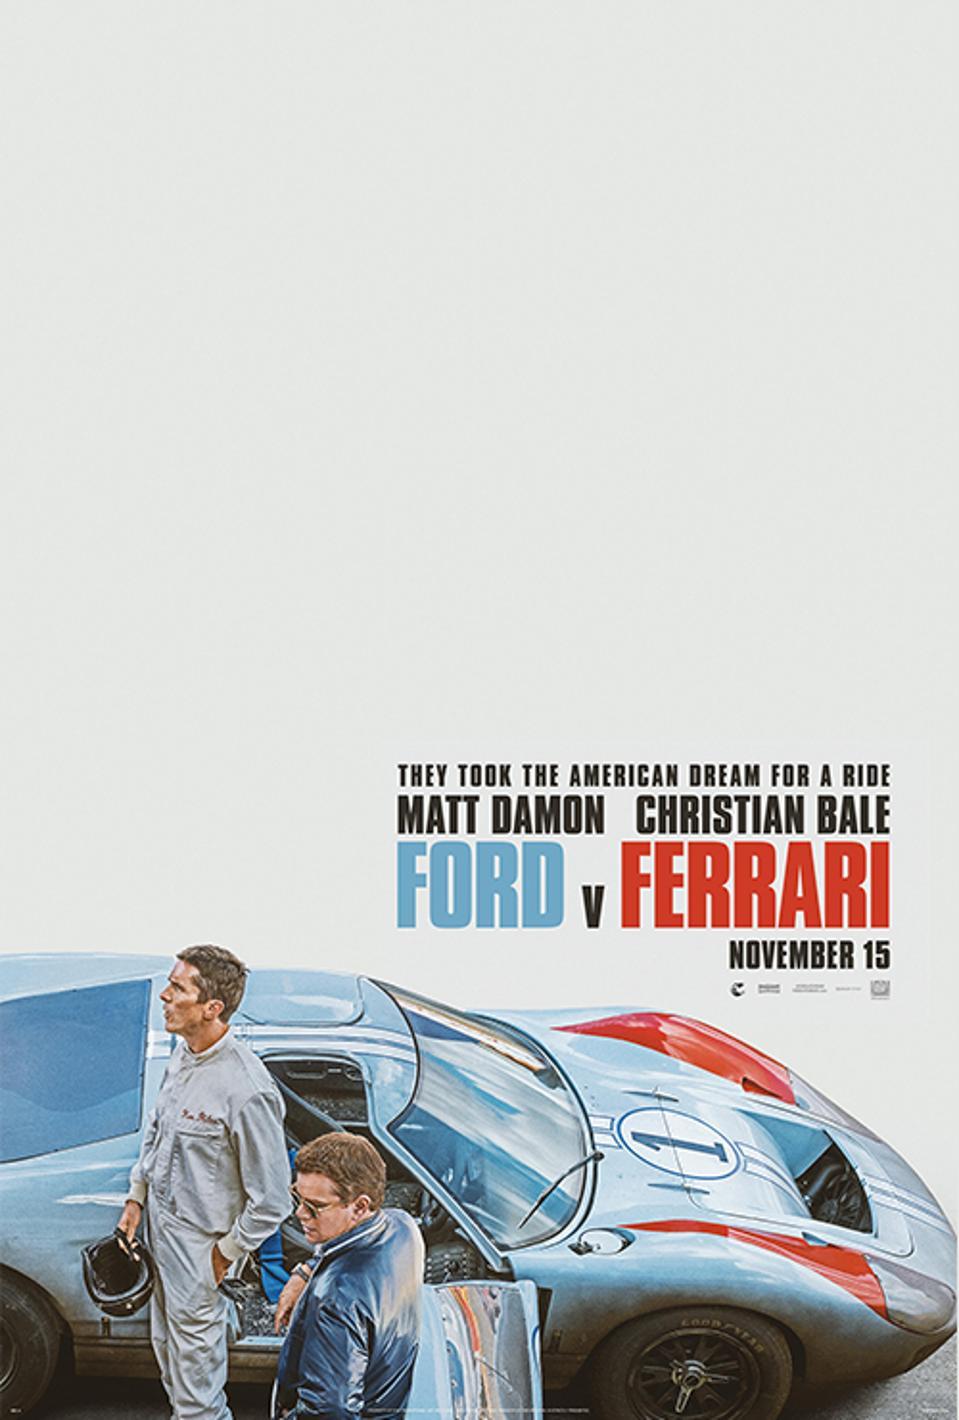 Official poster for Fox's ″Ford v Ferrari″